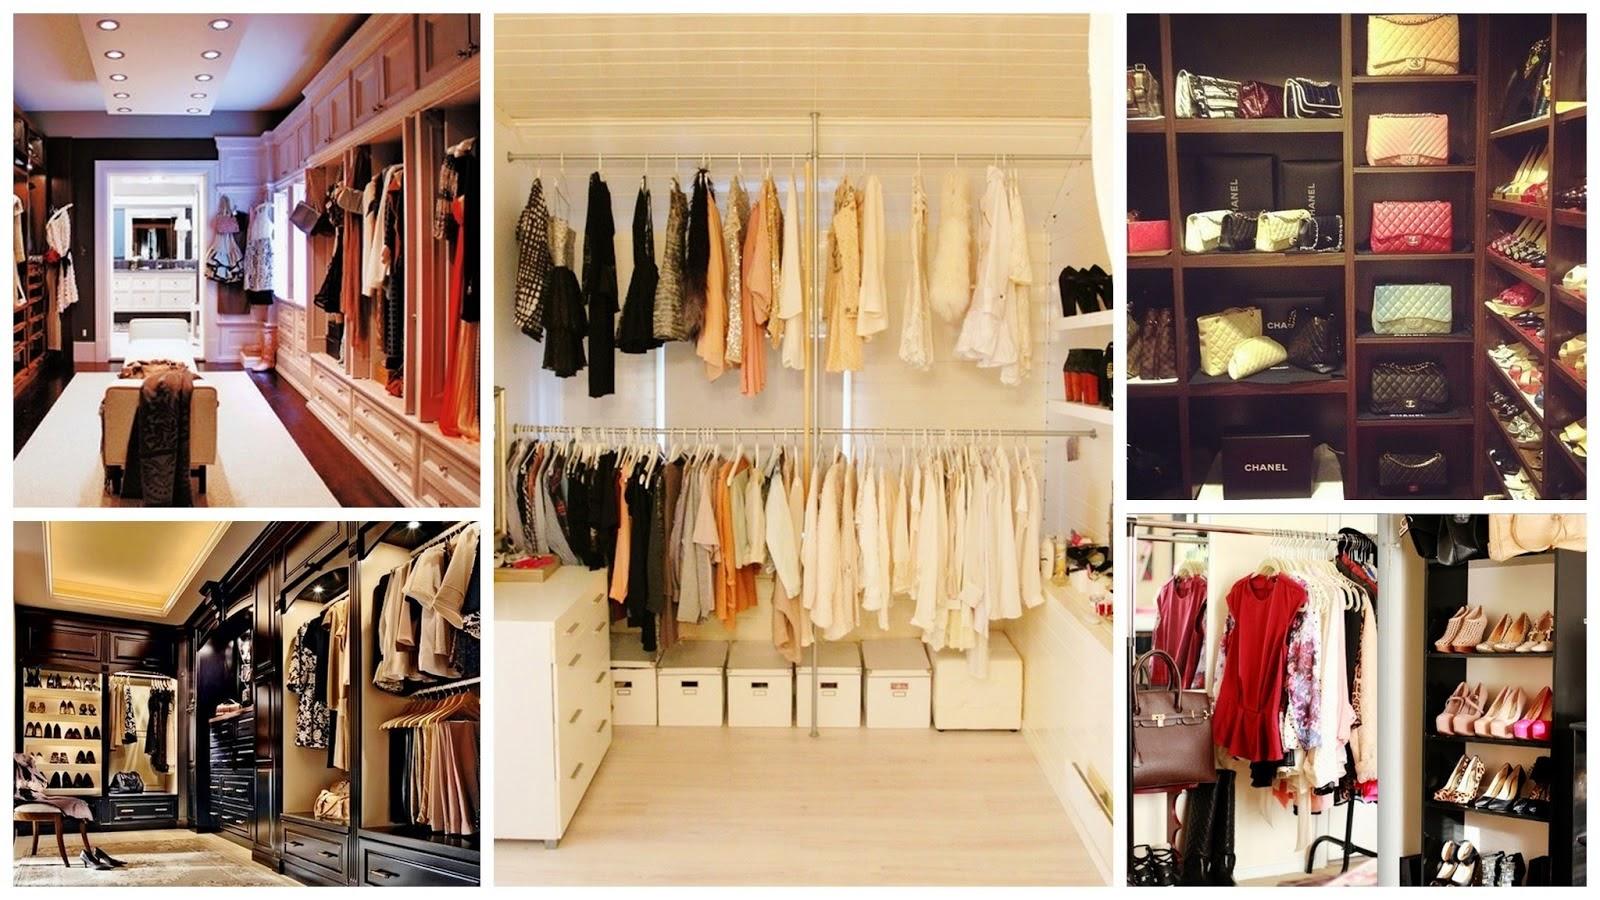 Baños Lujo Vestidores:Rachel´s Fashion Room: El vestidor la estancia más deseada de la